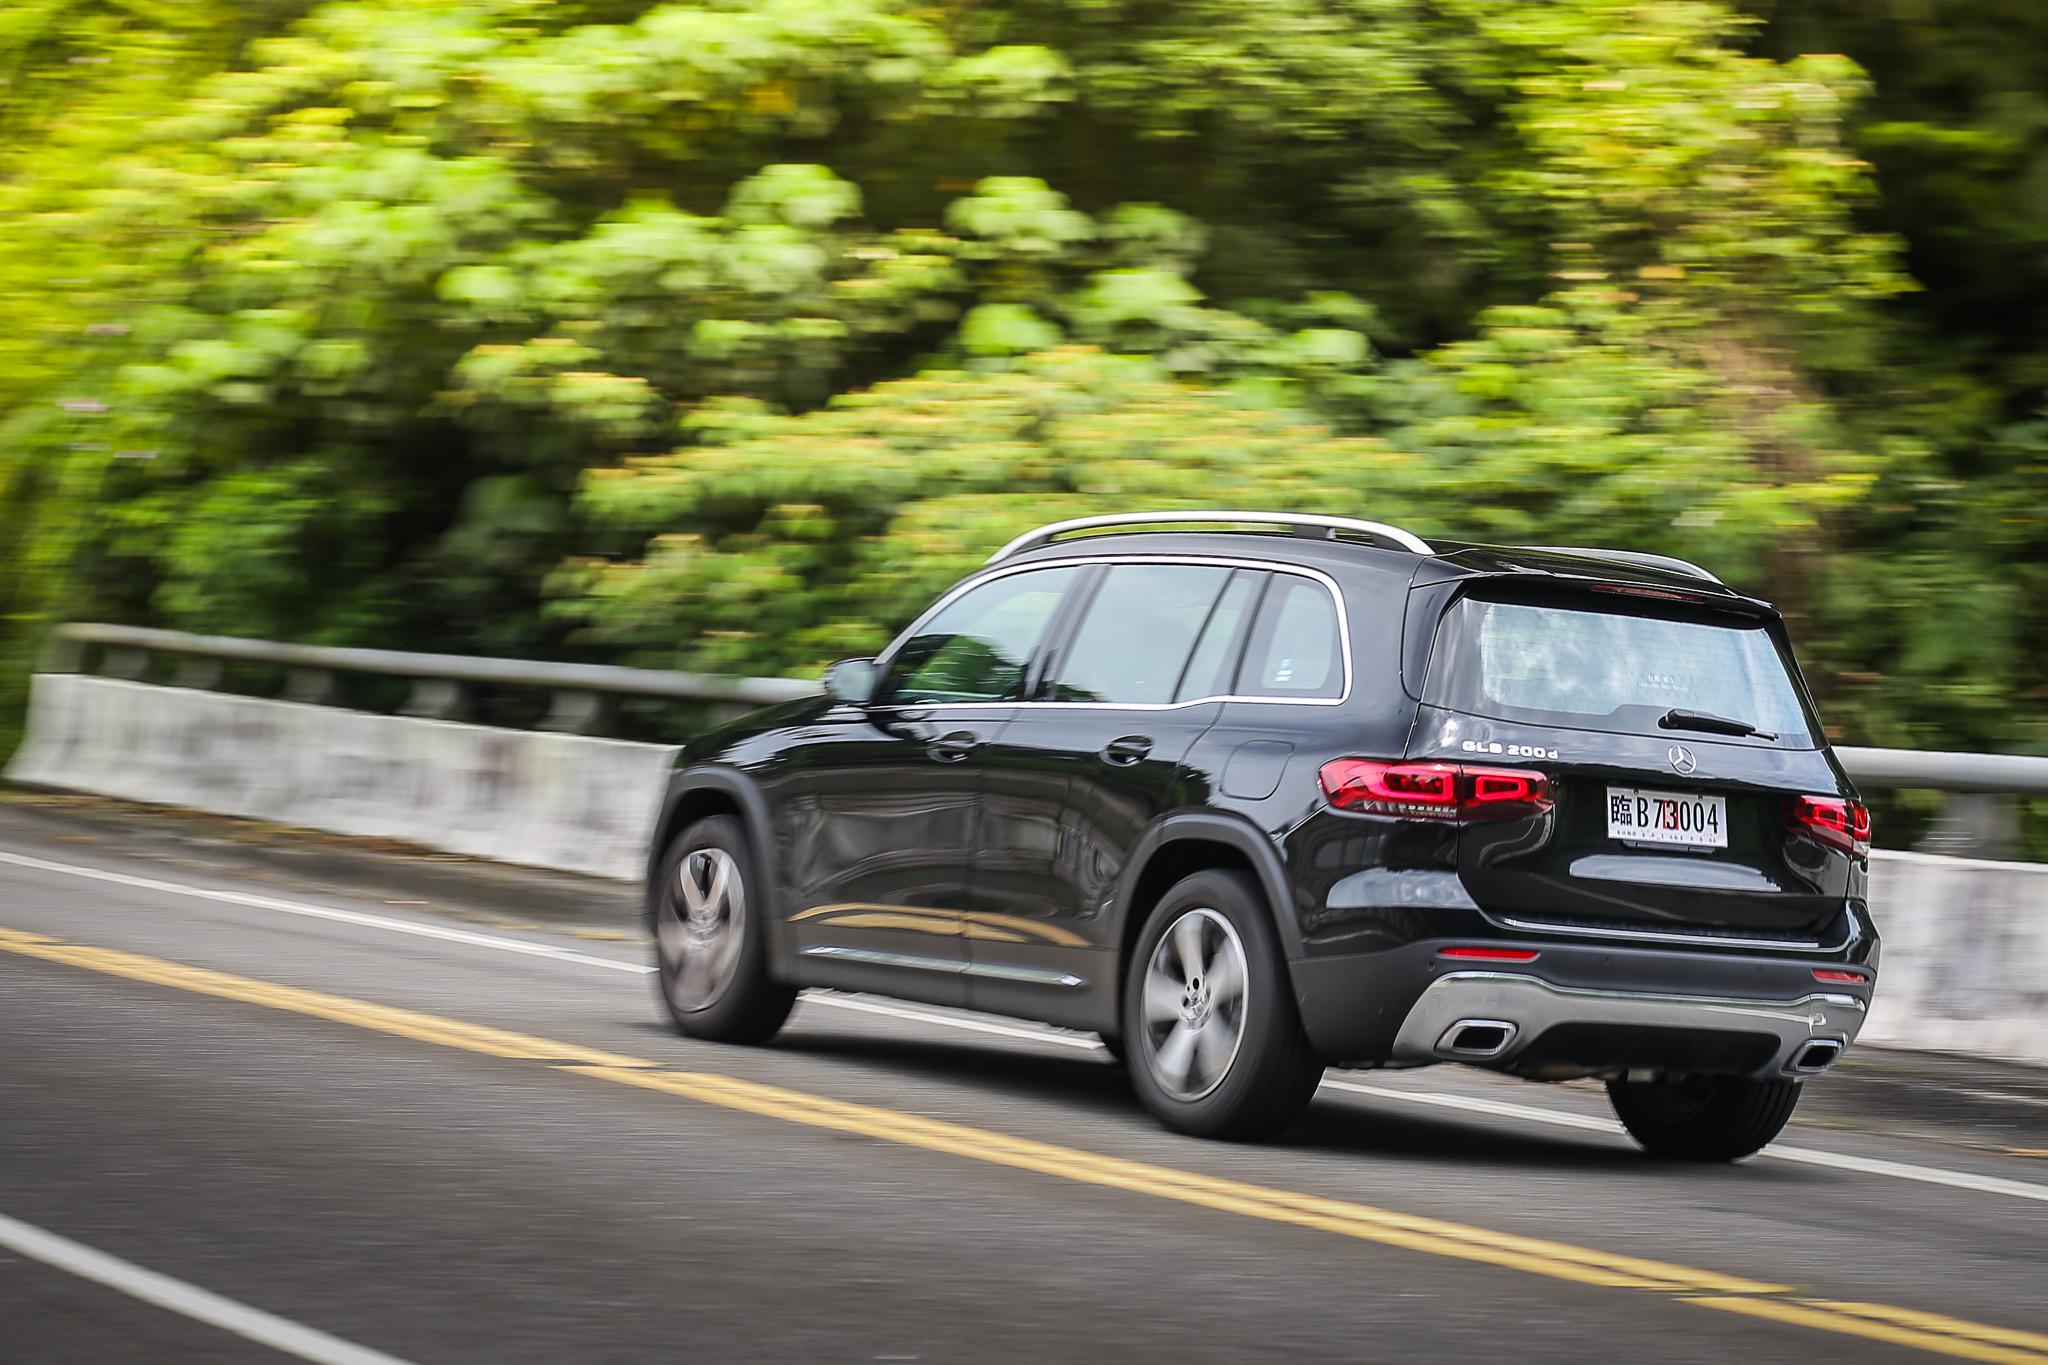 以其車價與品牌價值而言,NVH 隔音制震表現仍有進步空間,實為可惜之處。